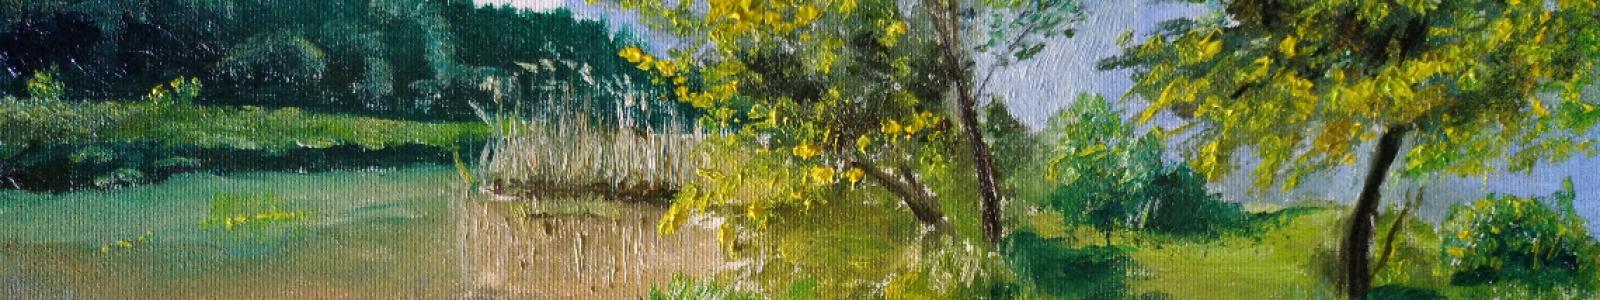 Gallery Painter Irina Makovetskaya